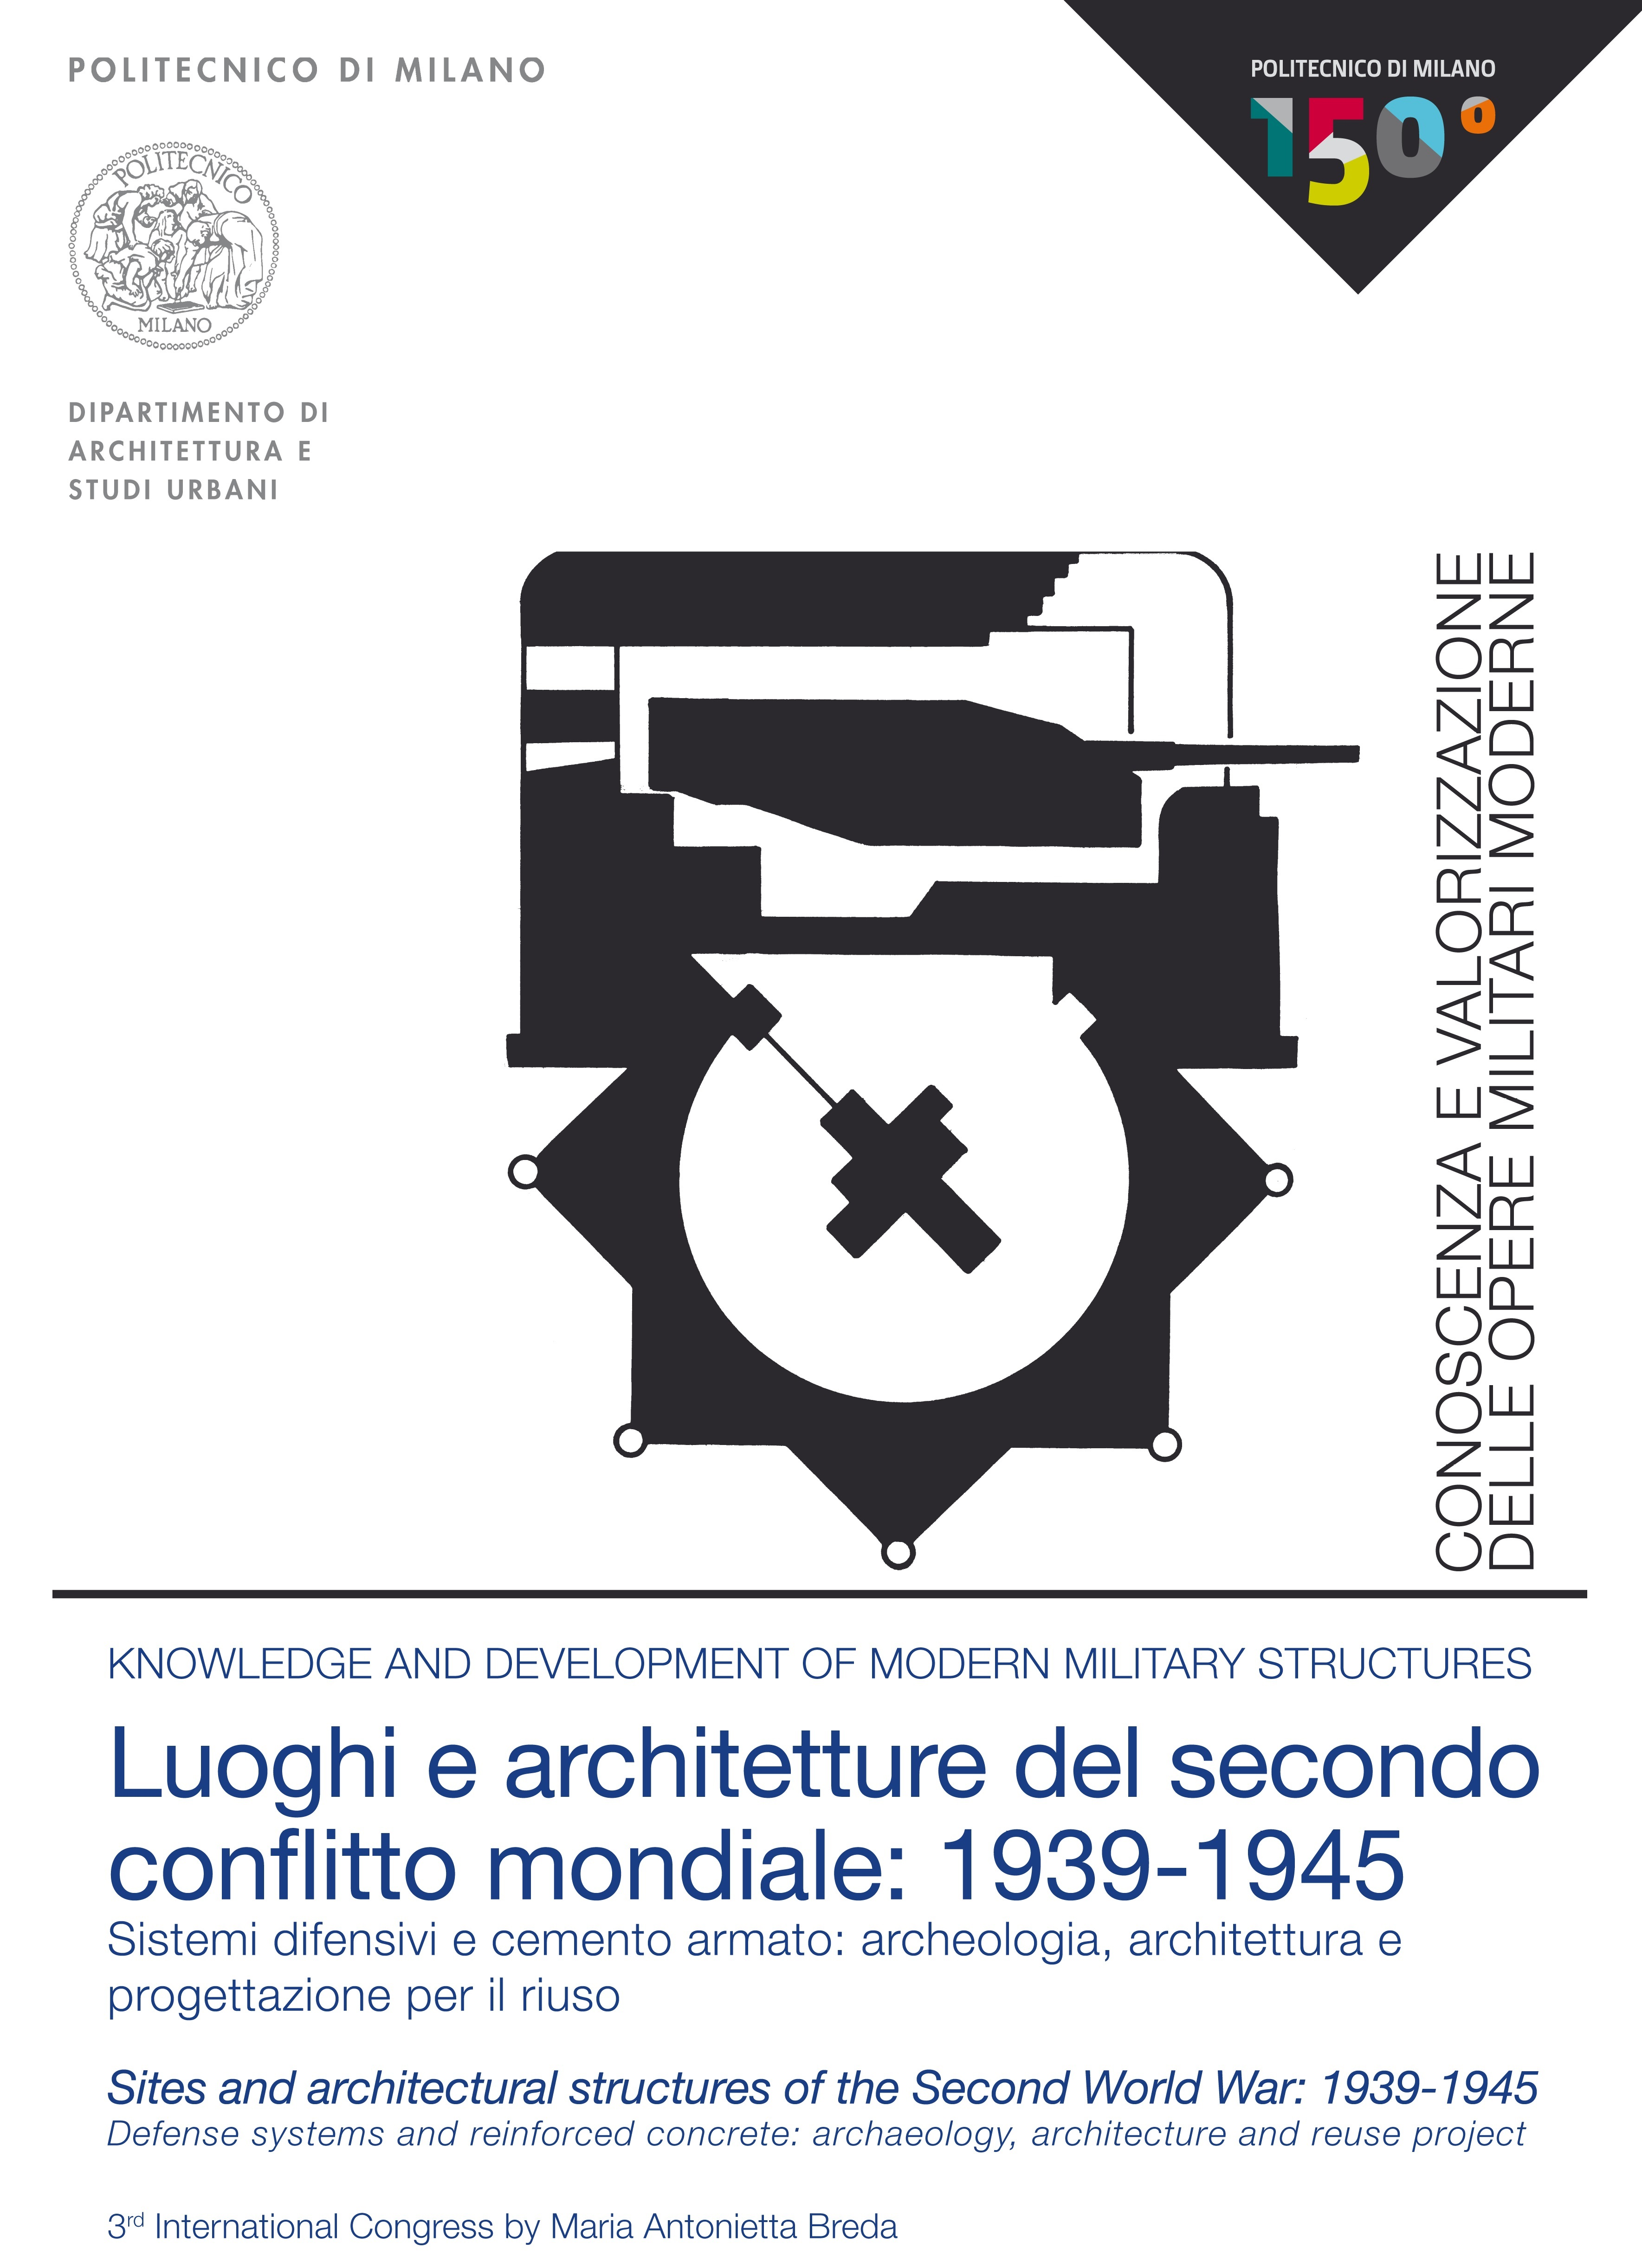 """III Congresso Internazionale """"Luoghi e architetture del secondo conflitto mondiale: 1939-1945"""""""